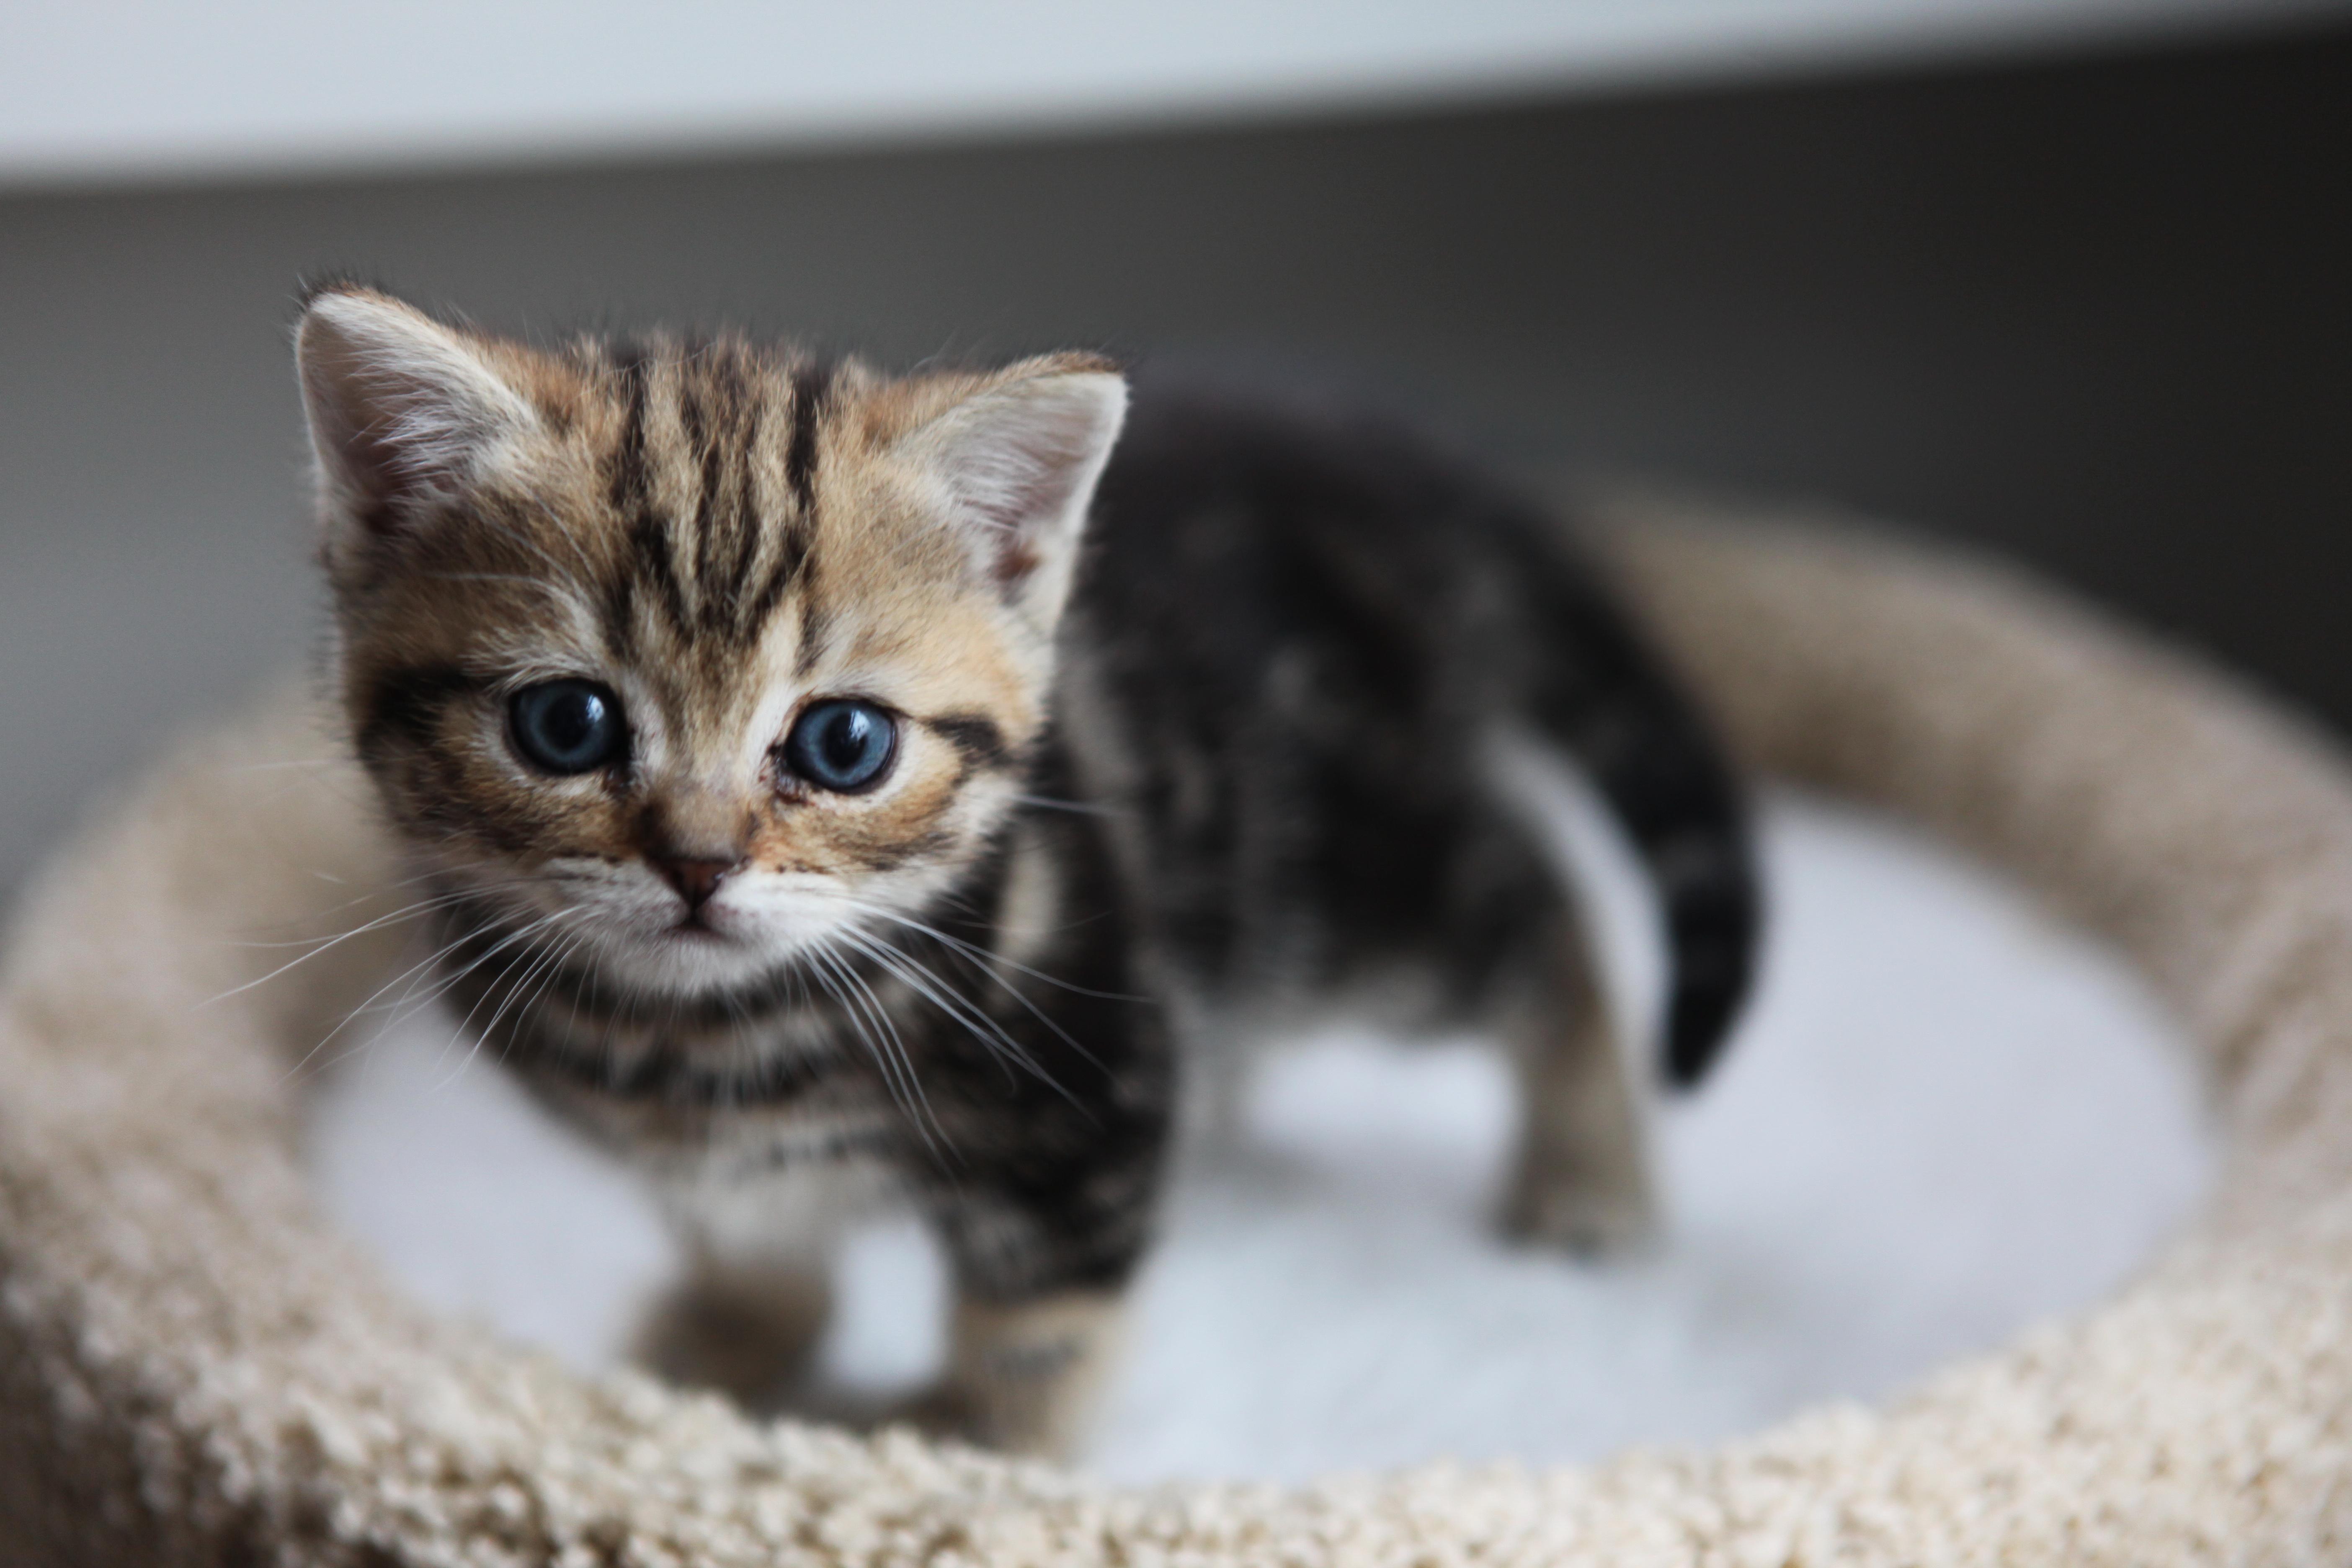 癒し】めっちゃ可愛い子猫100枚♪画像集 - naver まとめ